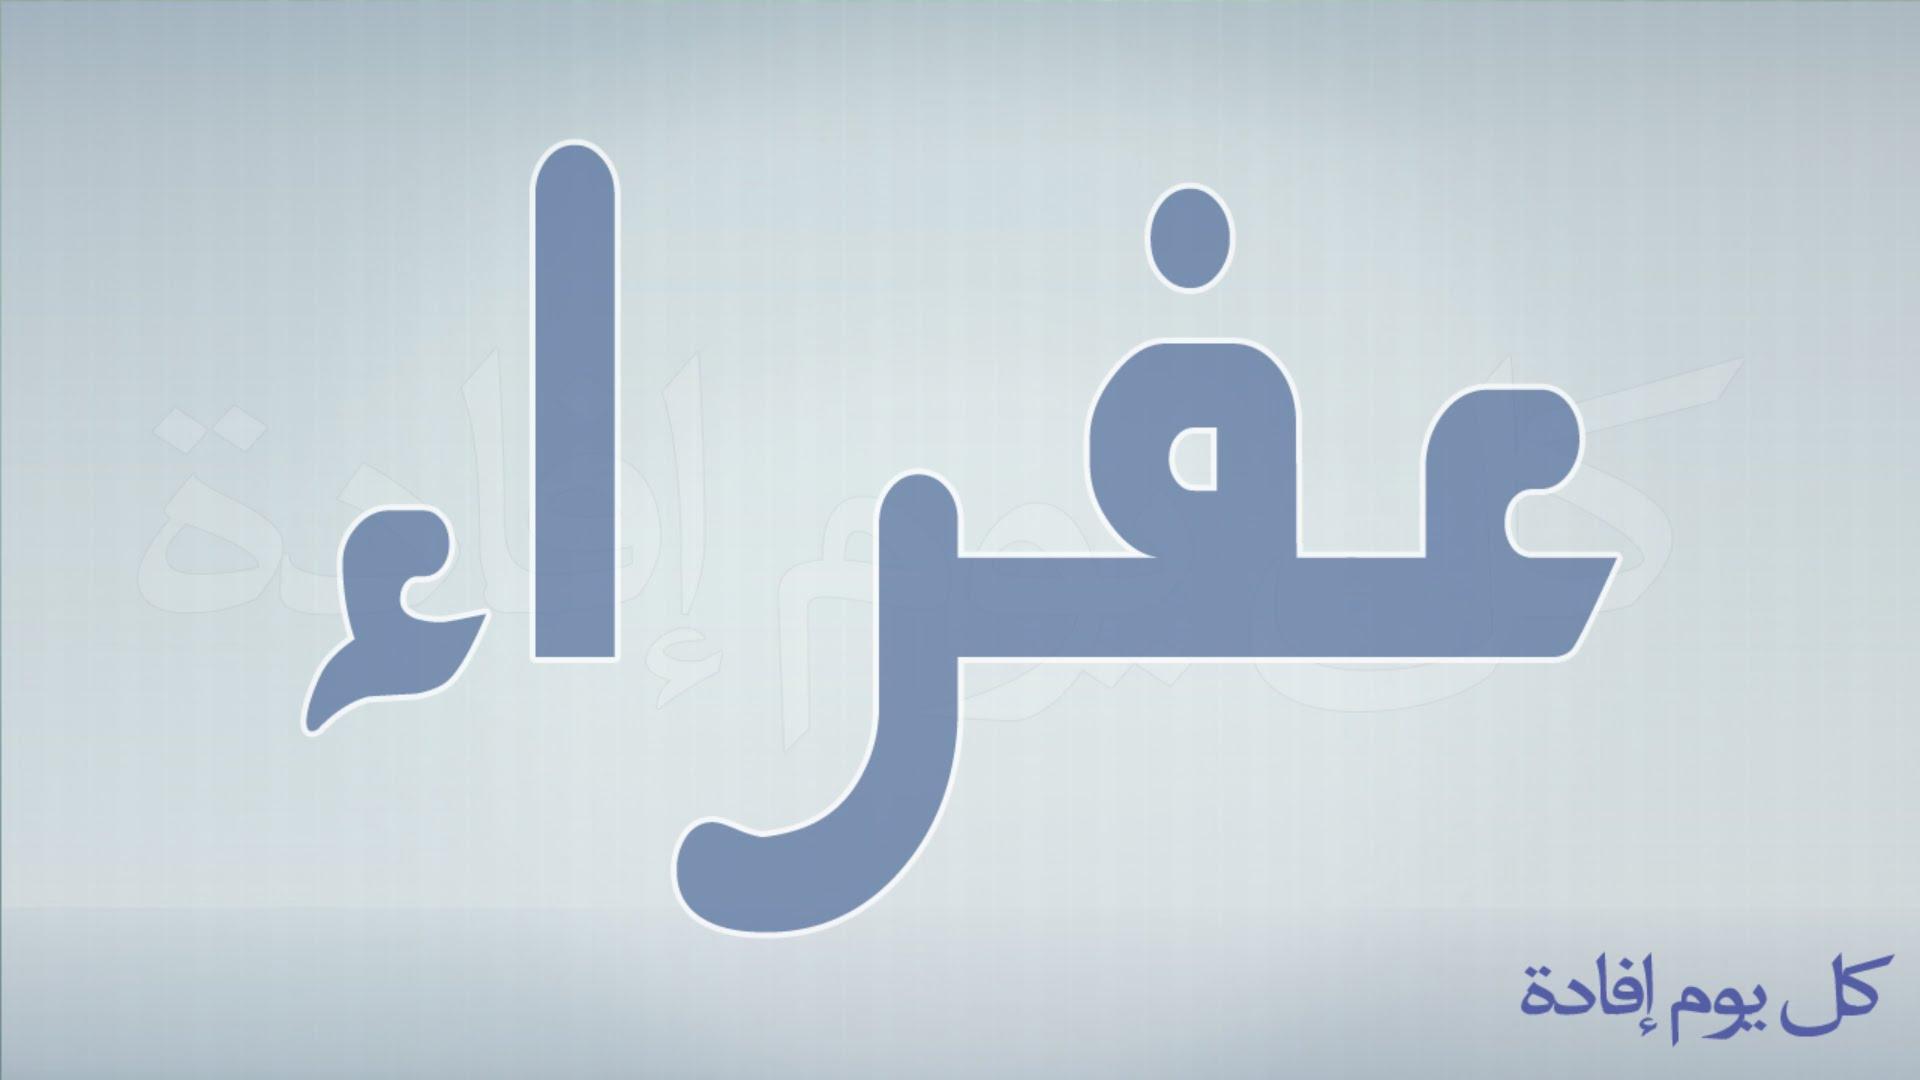 صور معنى اسم عفراء , شاهد معنى اسم عفراء